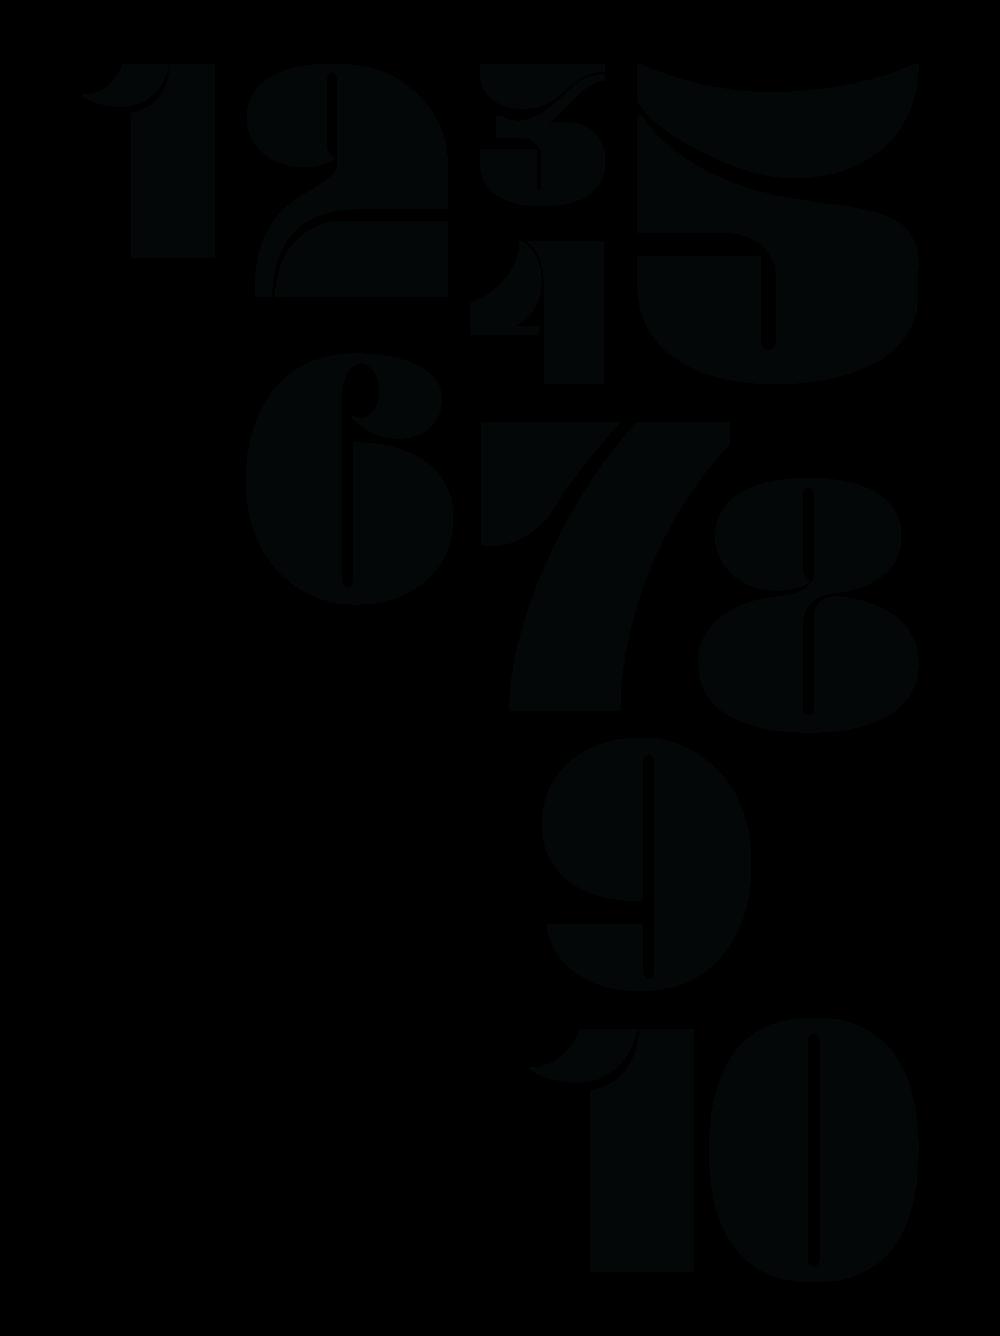 numerals_02.png